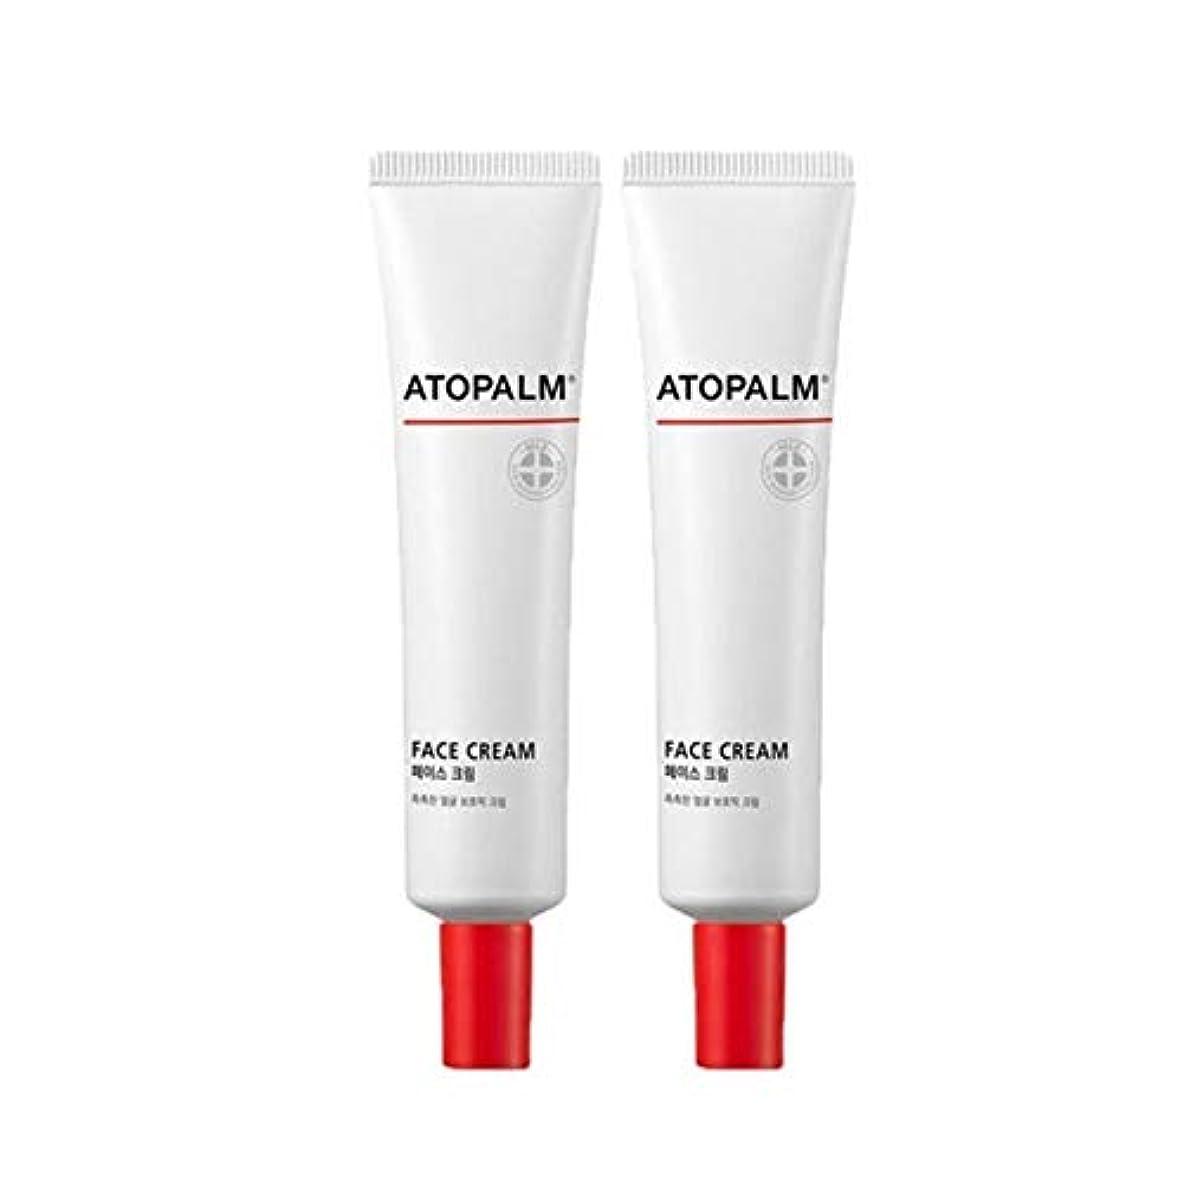 セッティングまろやかな形容詞アトパムフェイスクリーム35mlx2本セット韓国コスメ、Atopalm Face Cream 35ml x 2ea Set Korean Cosmetics [並行輸入品]